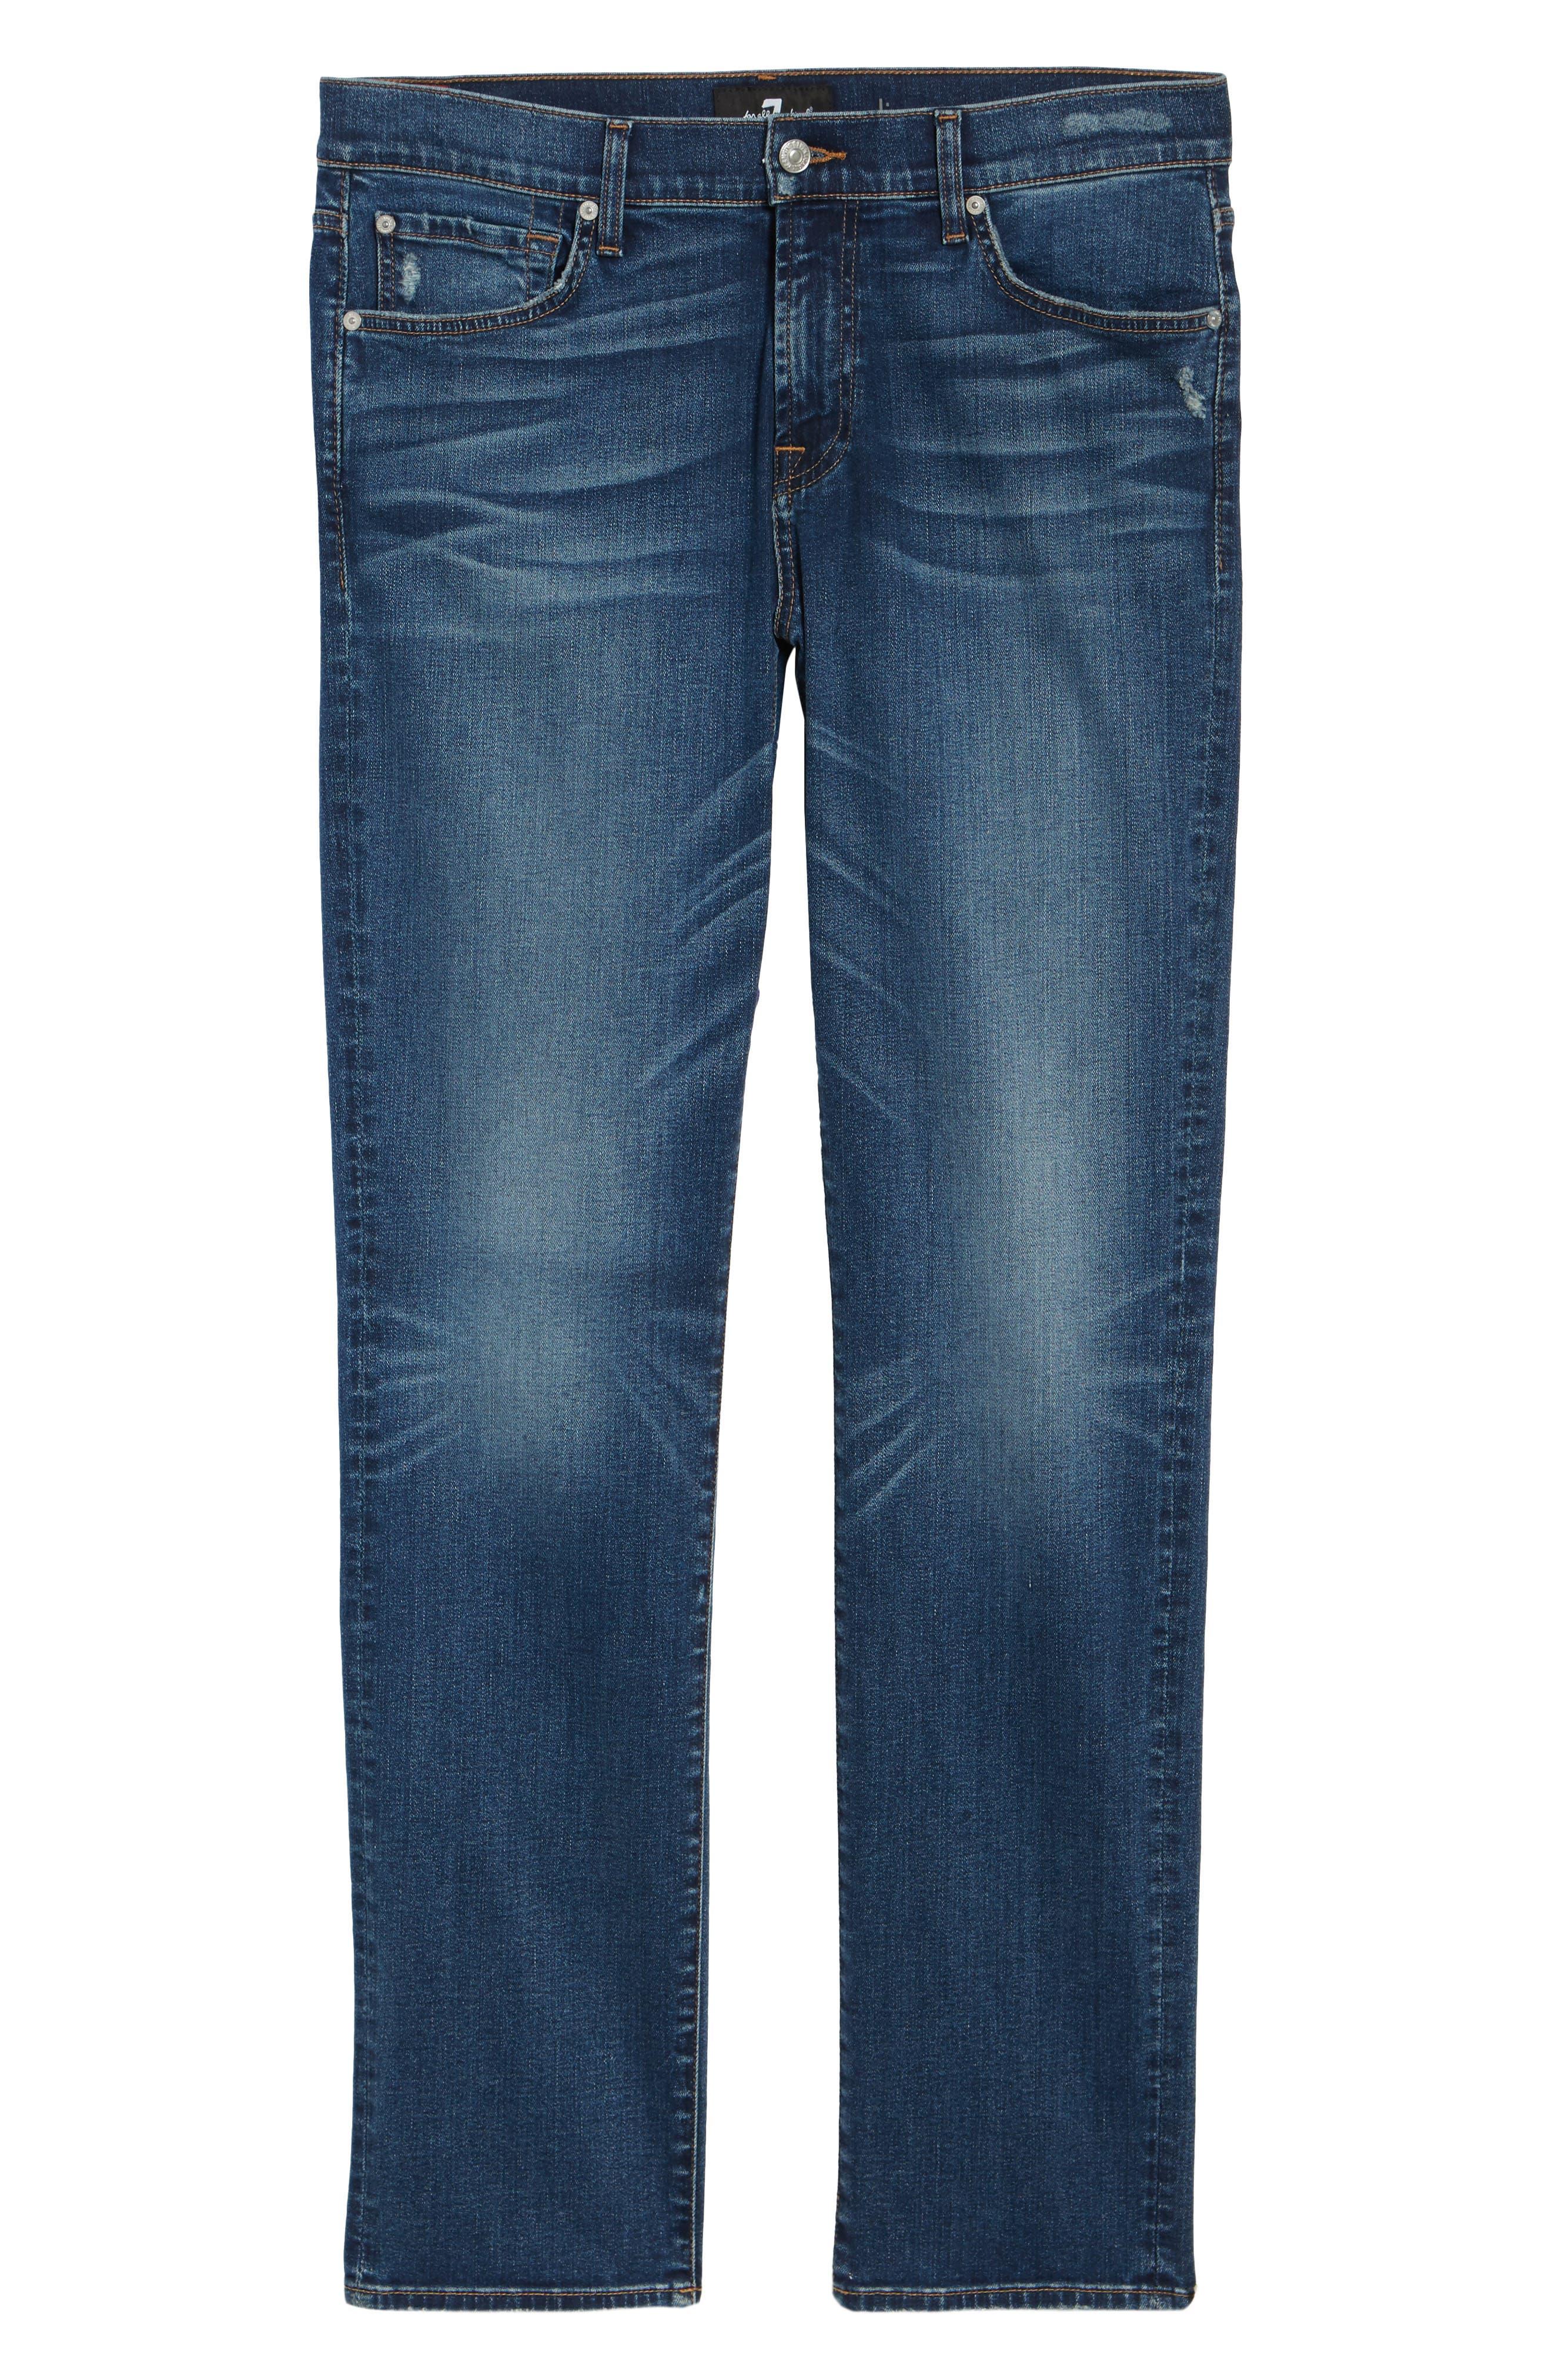 Slimmy Slim Fit Jeans,                             Alternate thumbnail 6, color,                             Union